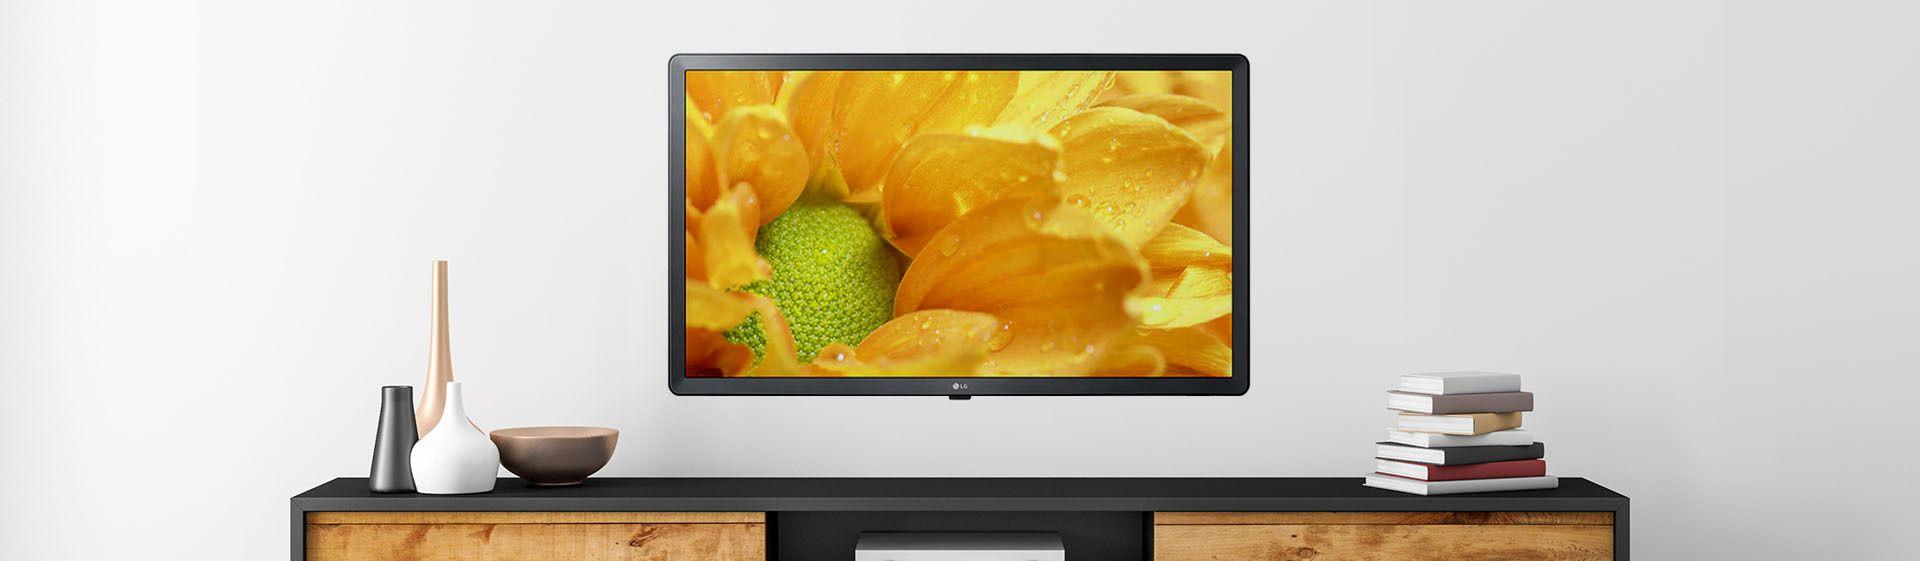 LG 32LM625BPSB é boa? Confira a análise completa dessa de TV 32 polegadas